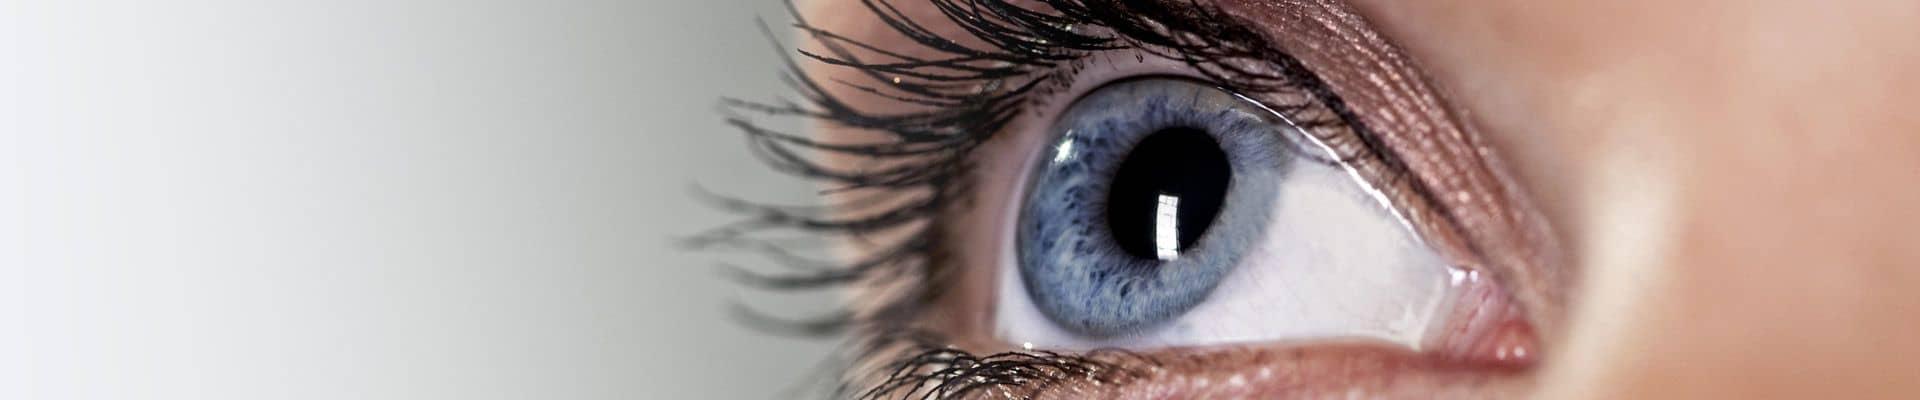 Látásélesség a kitágult pupillán